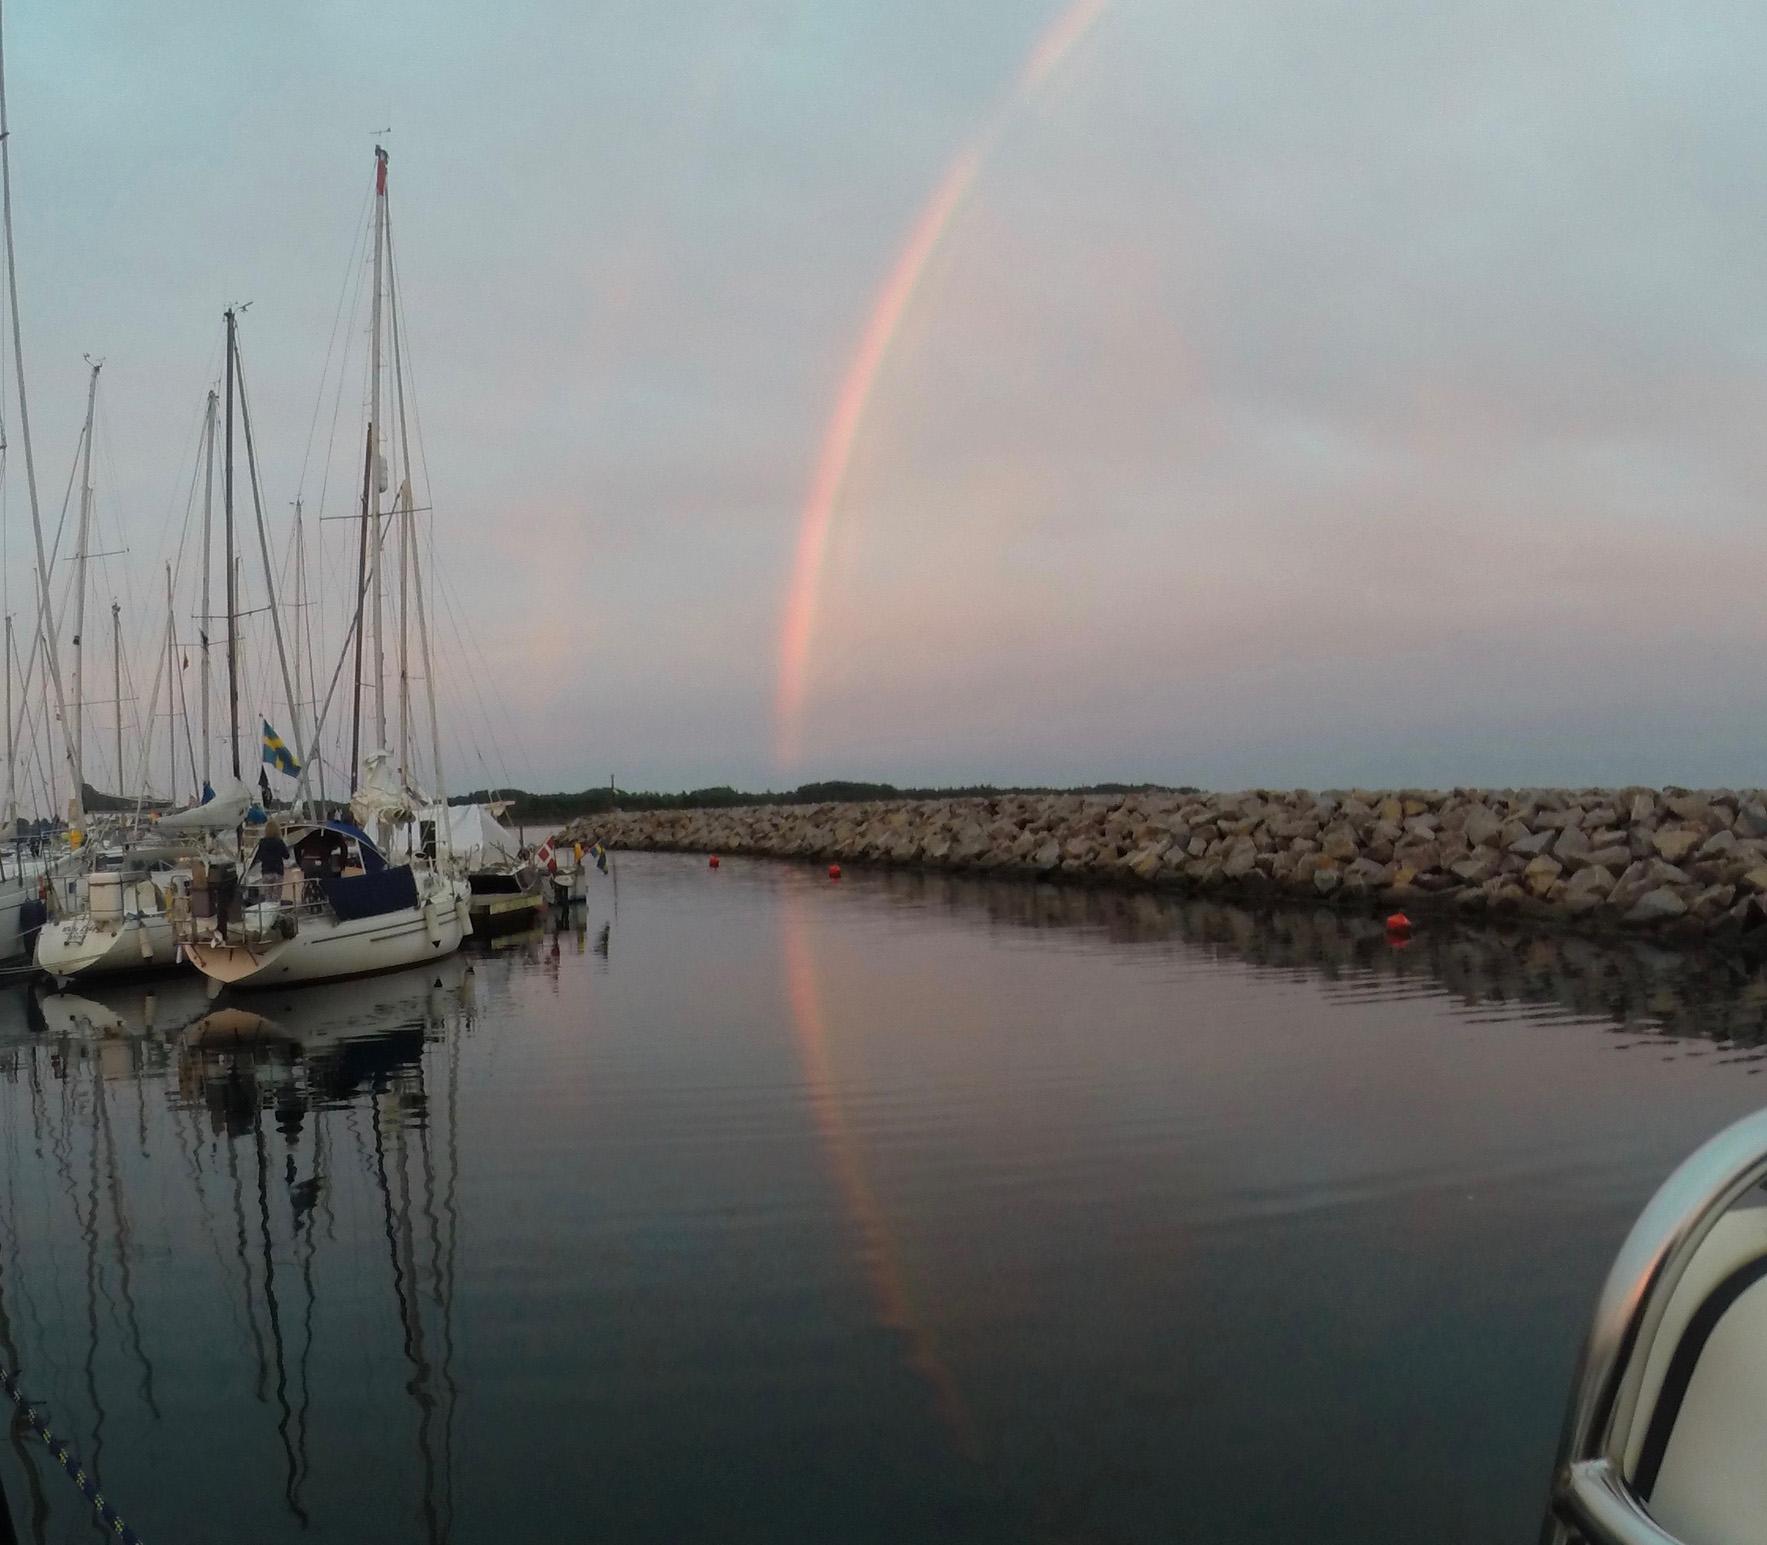 nochmal der Regenbogen, weil es so spektakulär war